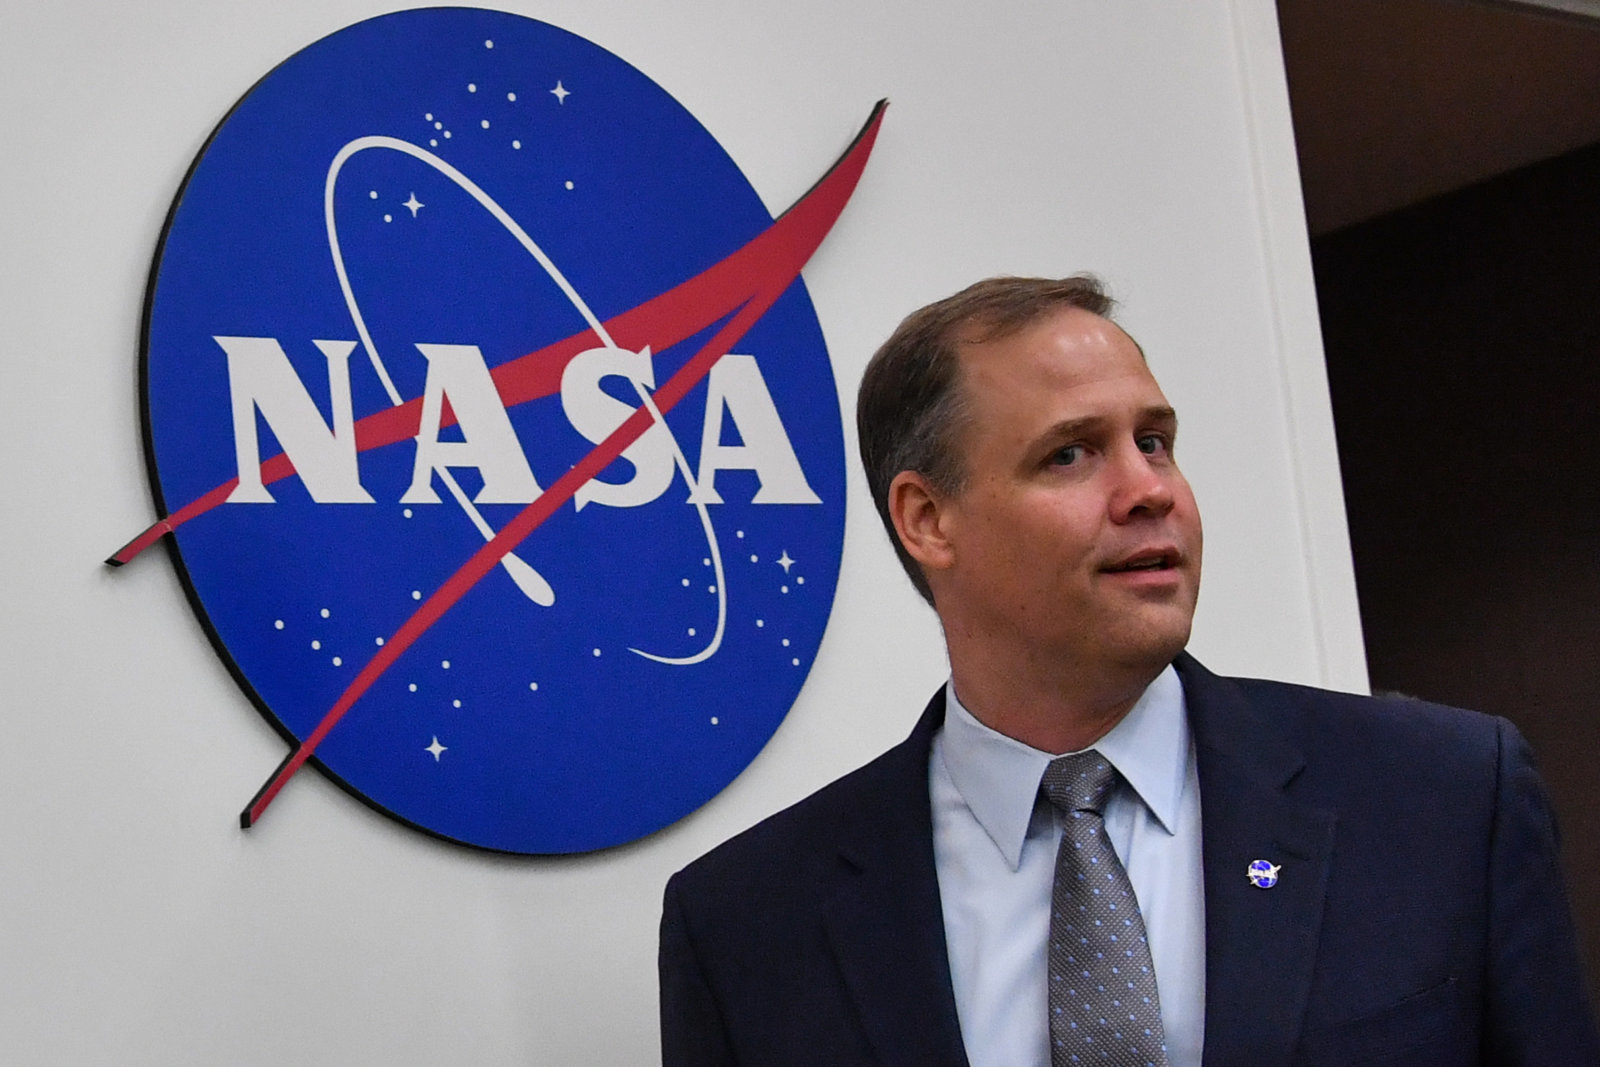 NASA考虑向太空游客出售坐票 搭乘国际空间站飞船